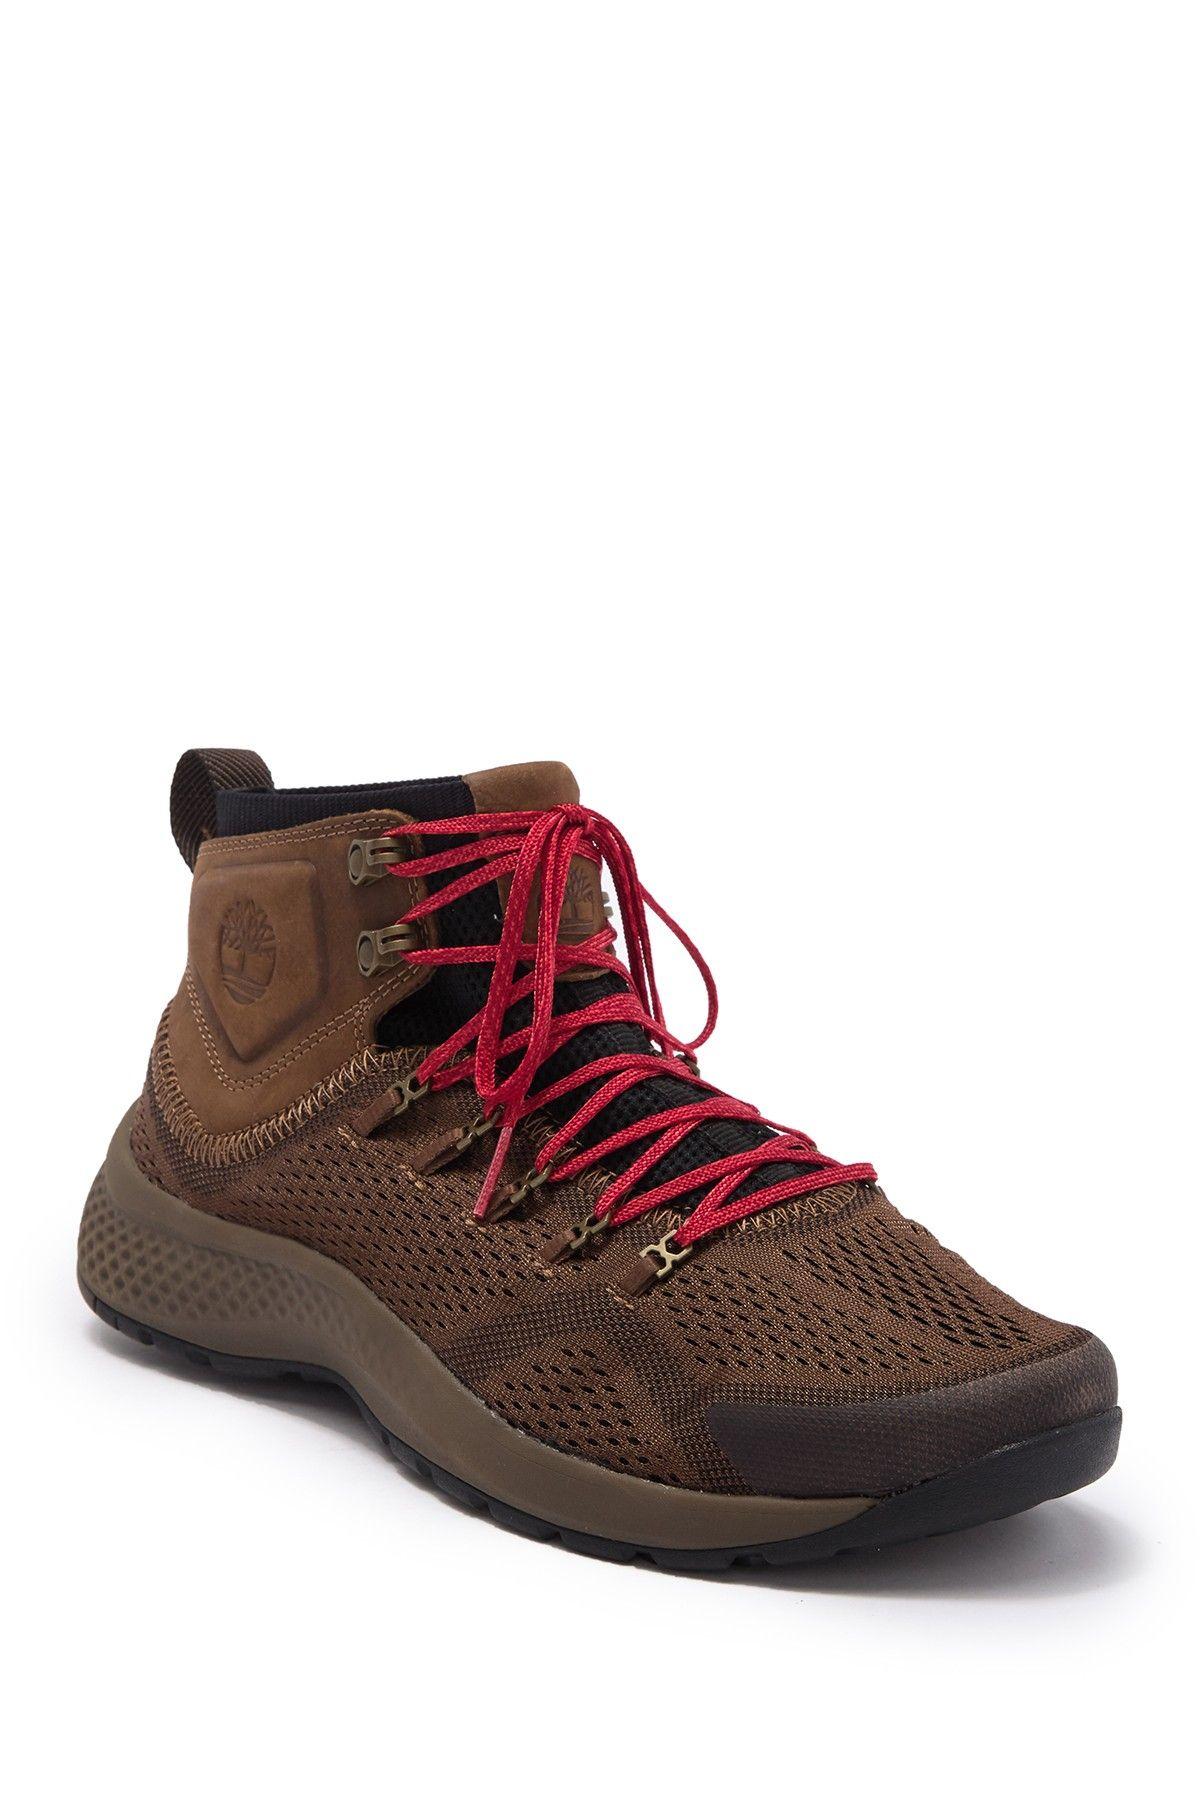 Women's Timberland FlyRoam Hiker Boot